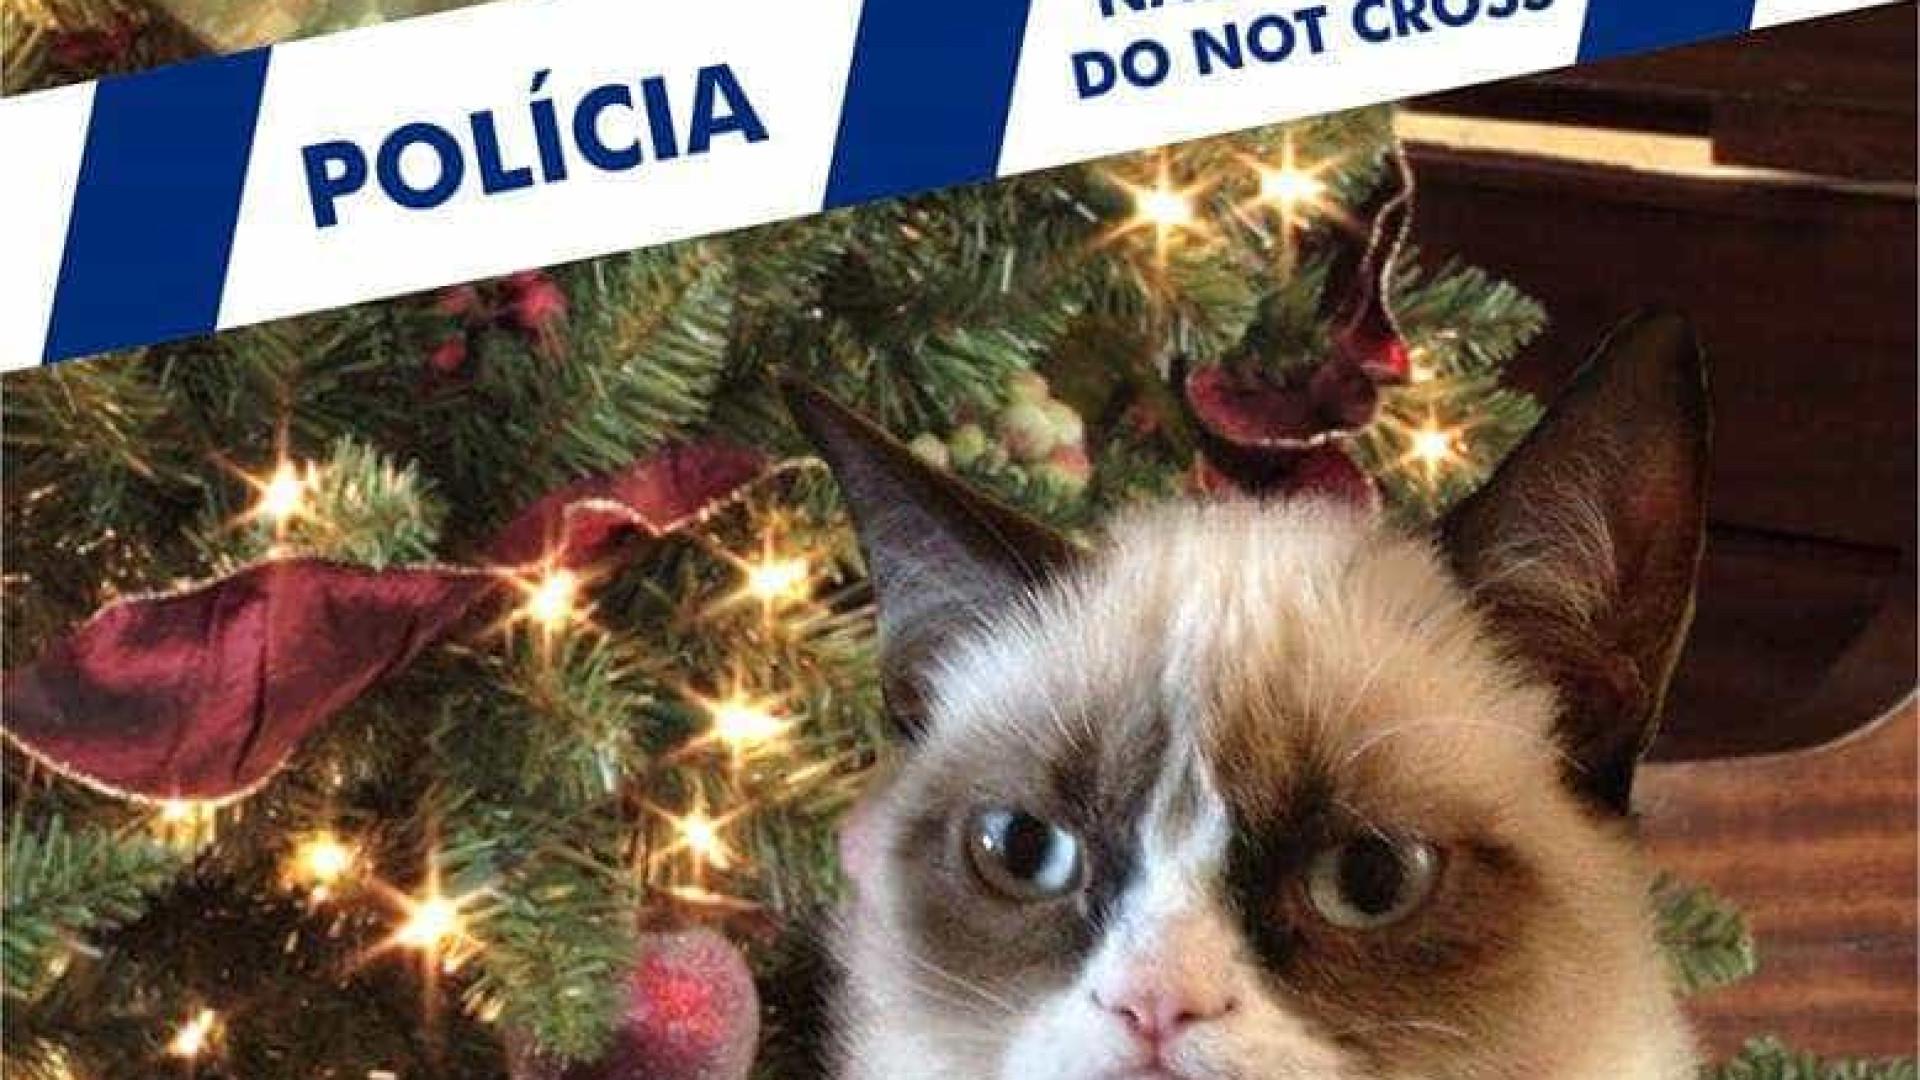 Conselho de segurança neste Natal para quem tem gatos